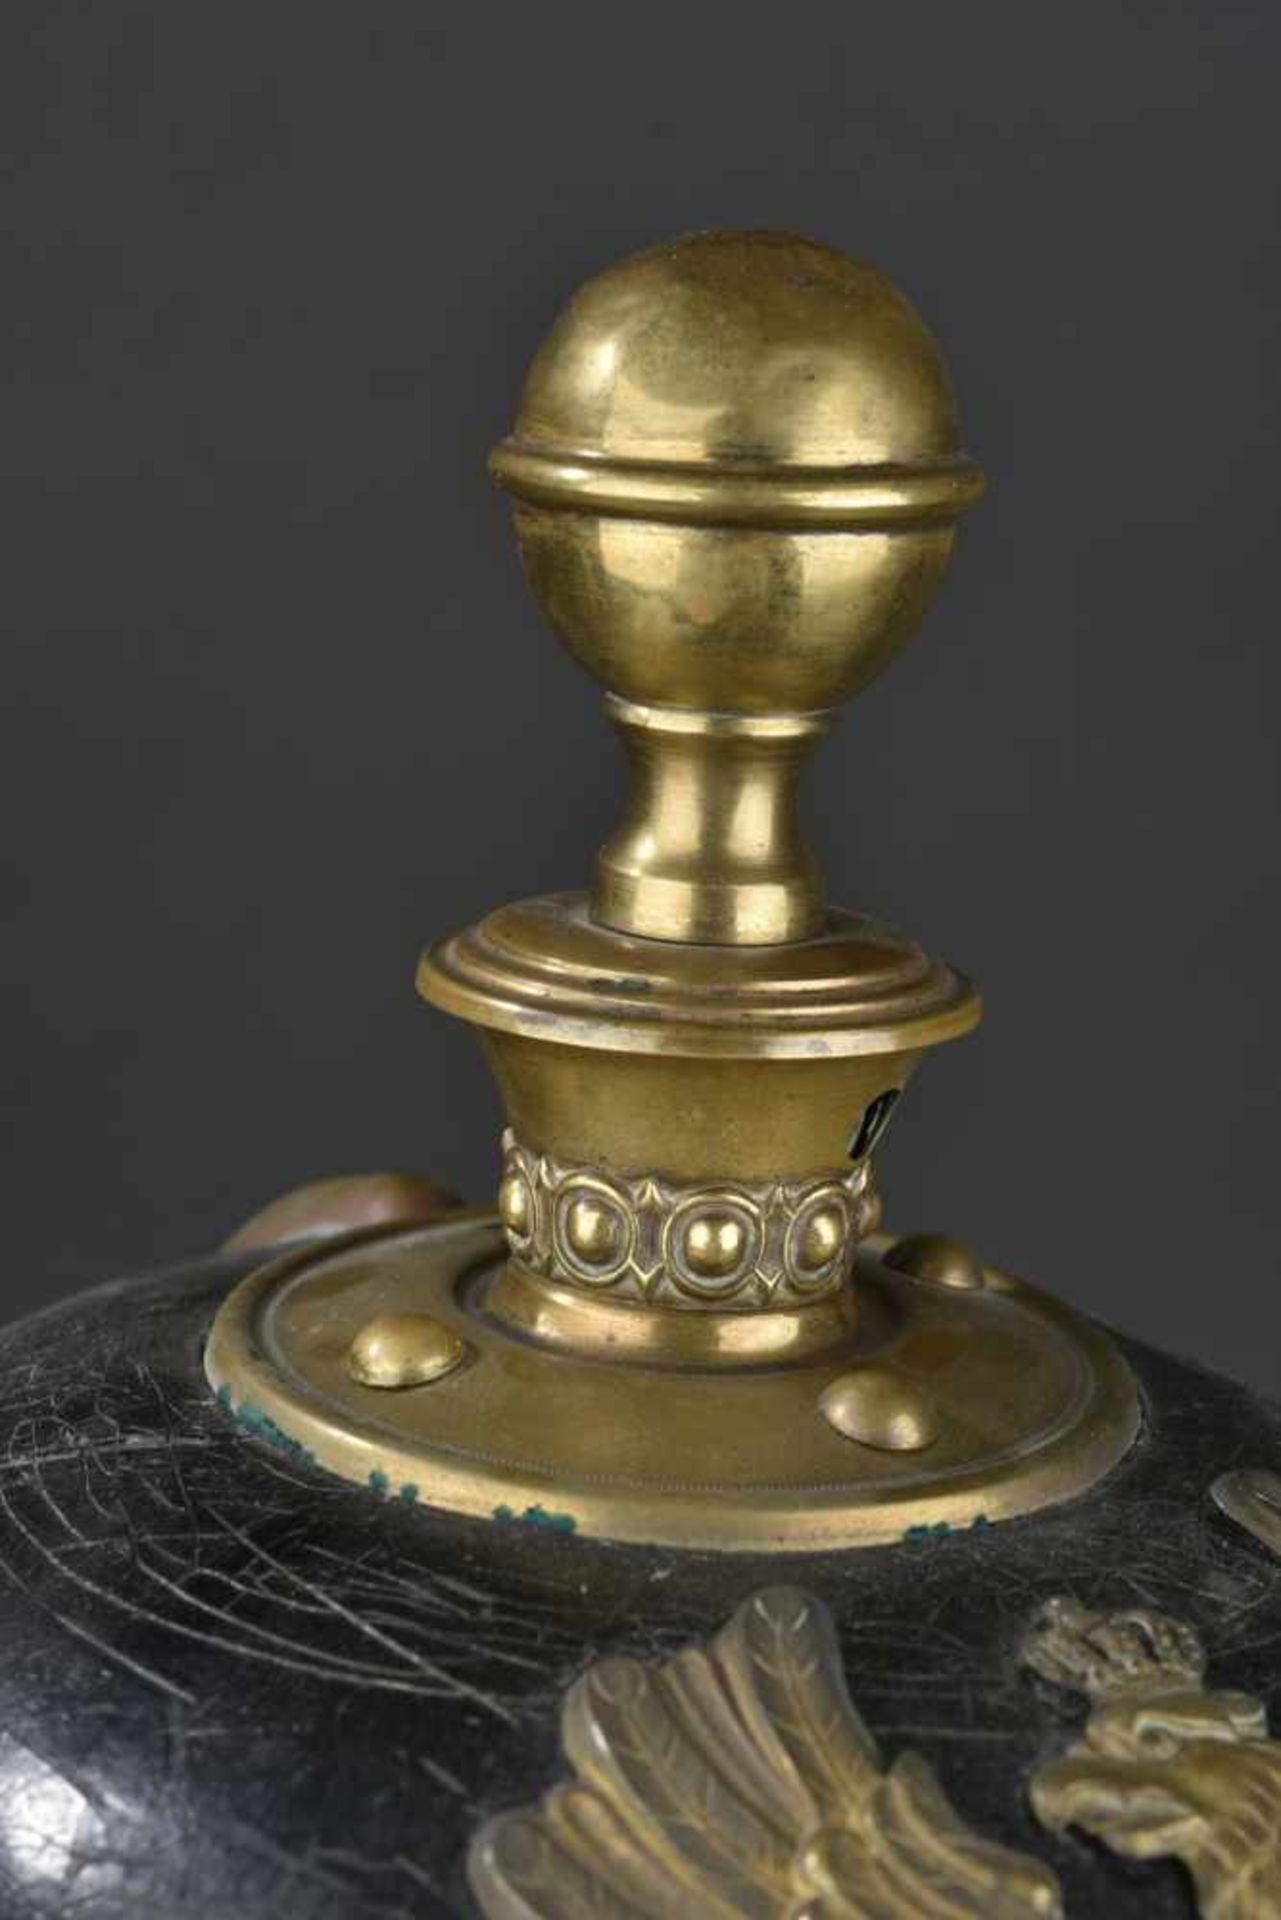 PRUSSE Casque d'artilleur modèle 1871/99 d'engagé Prussien de réserve Soie de la coiffe absente. - Bild 3 aus 4